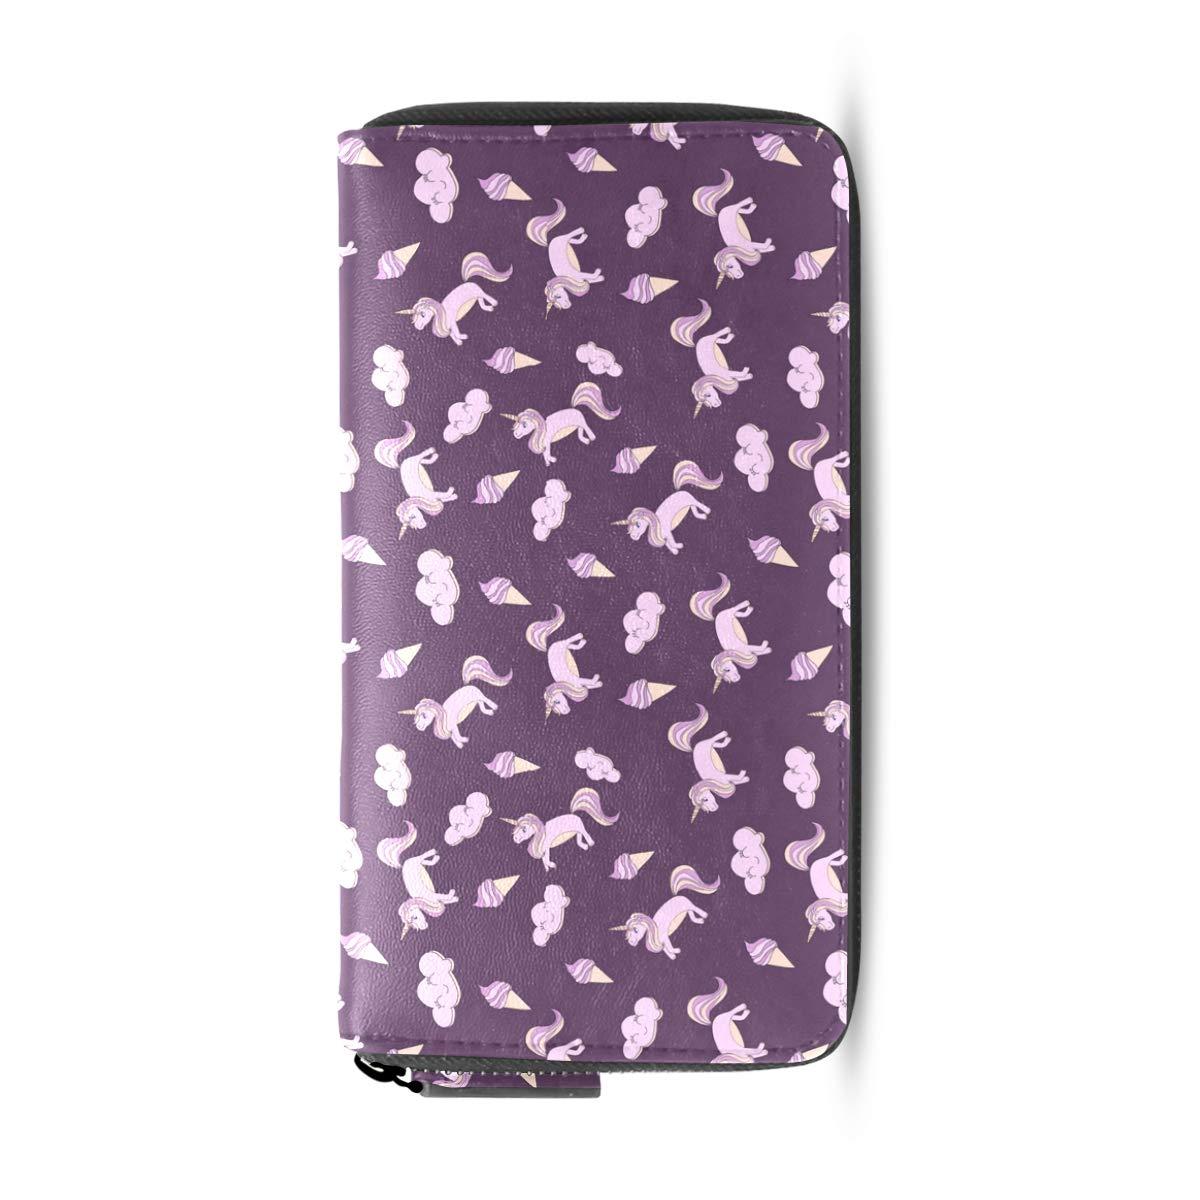 Amazon.com: Monedero para mujer, diseño de unicornio de ...